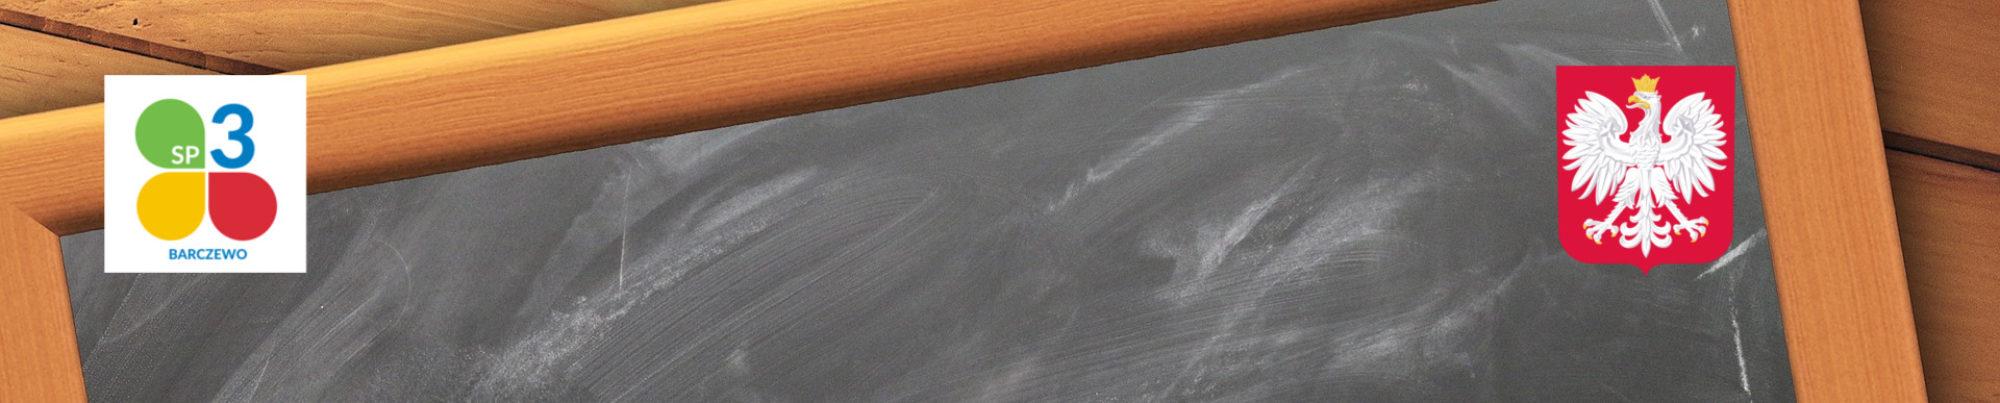 Szkoła Podstawowa nr 3 im. Ziemi Warmińskiej w Barczewie